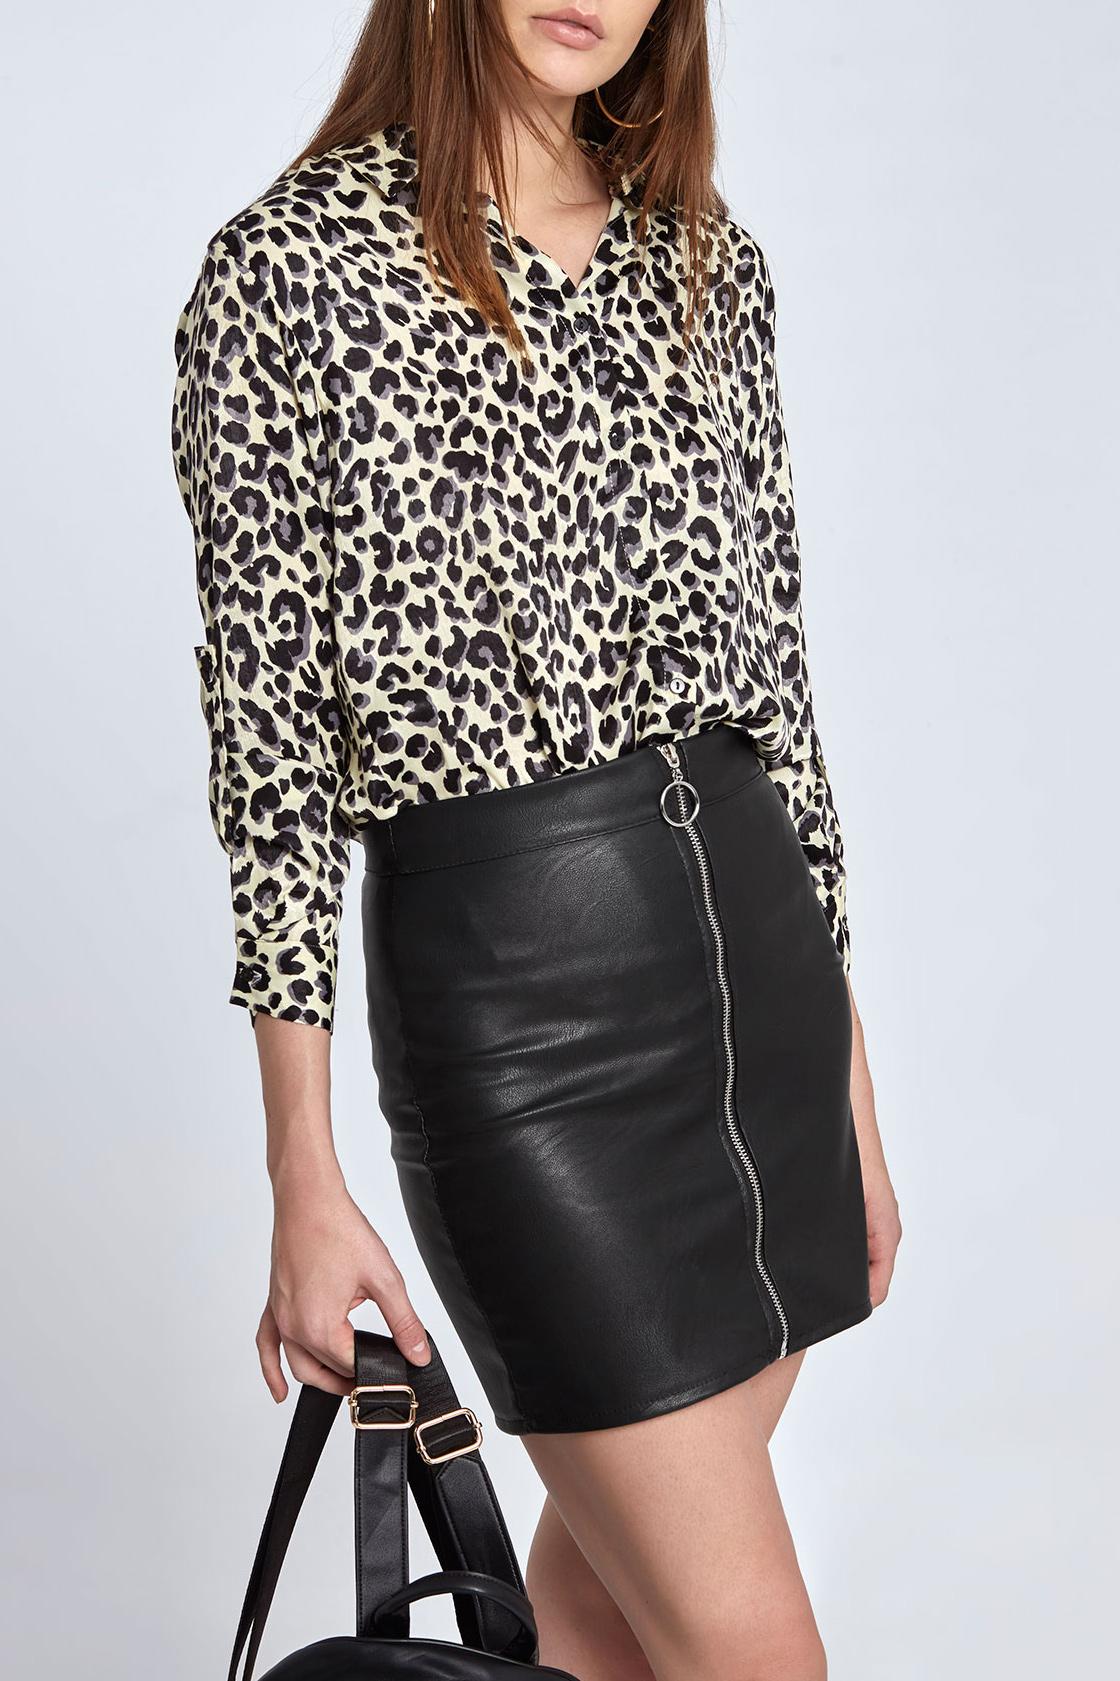 Μίνι φούστα από δερματίνη με φερμουάρ μπροστά μαύρη d223cded360